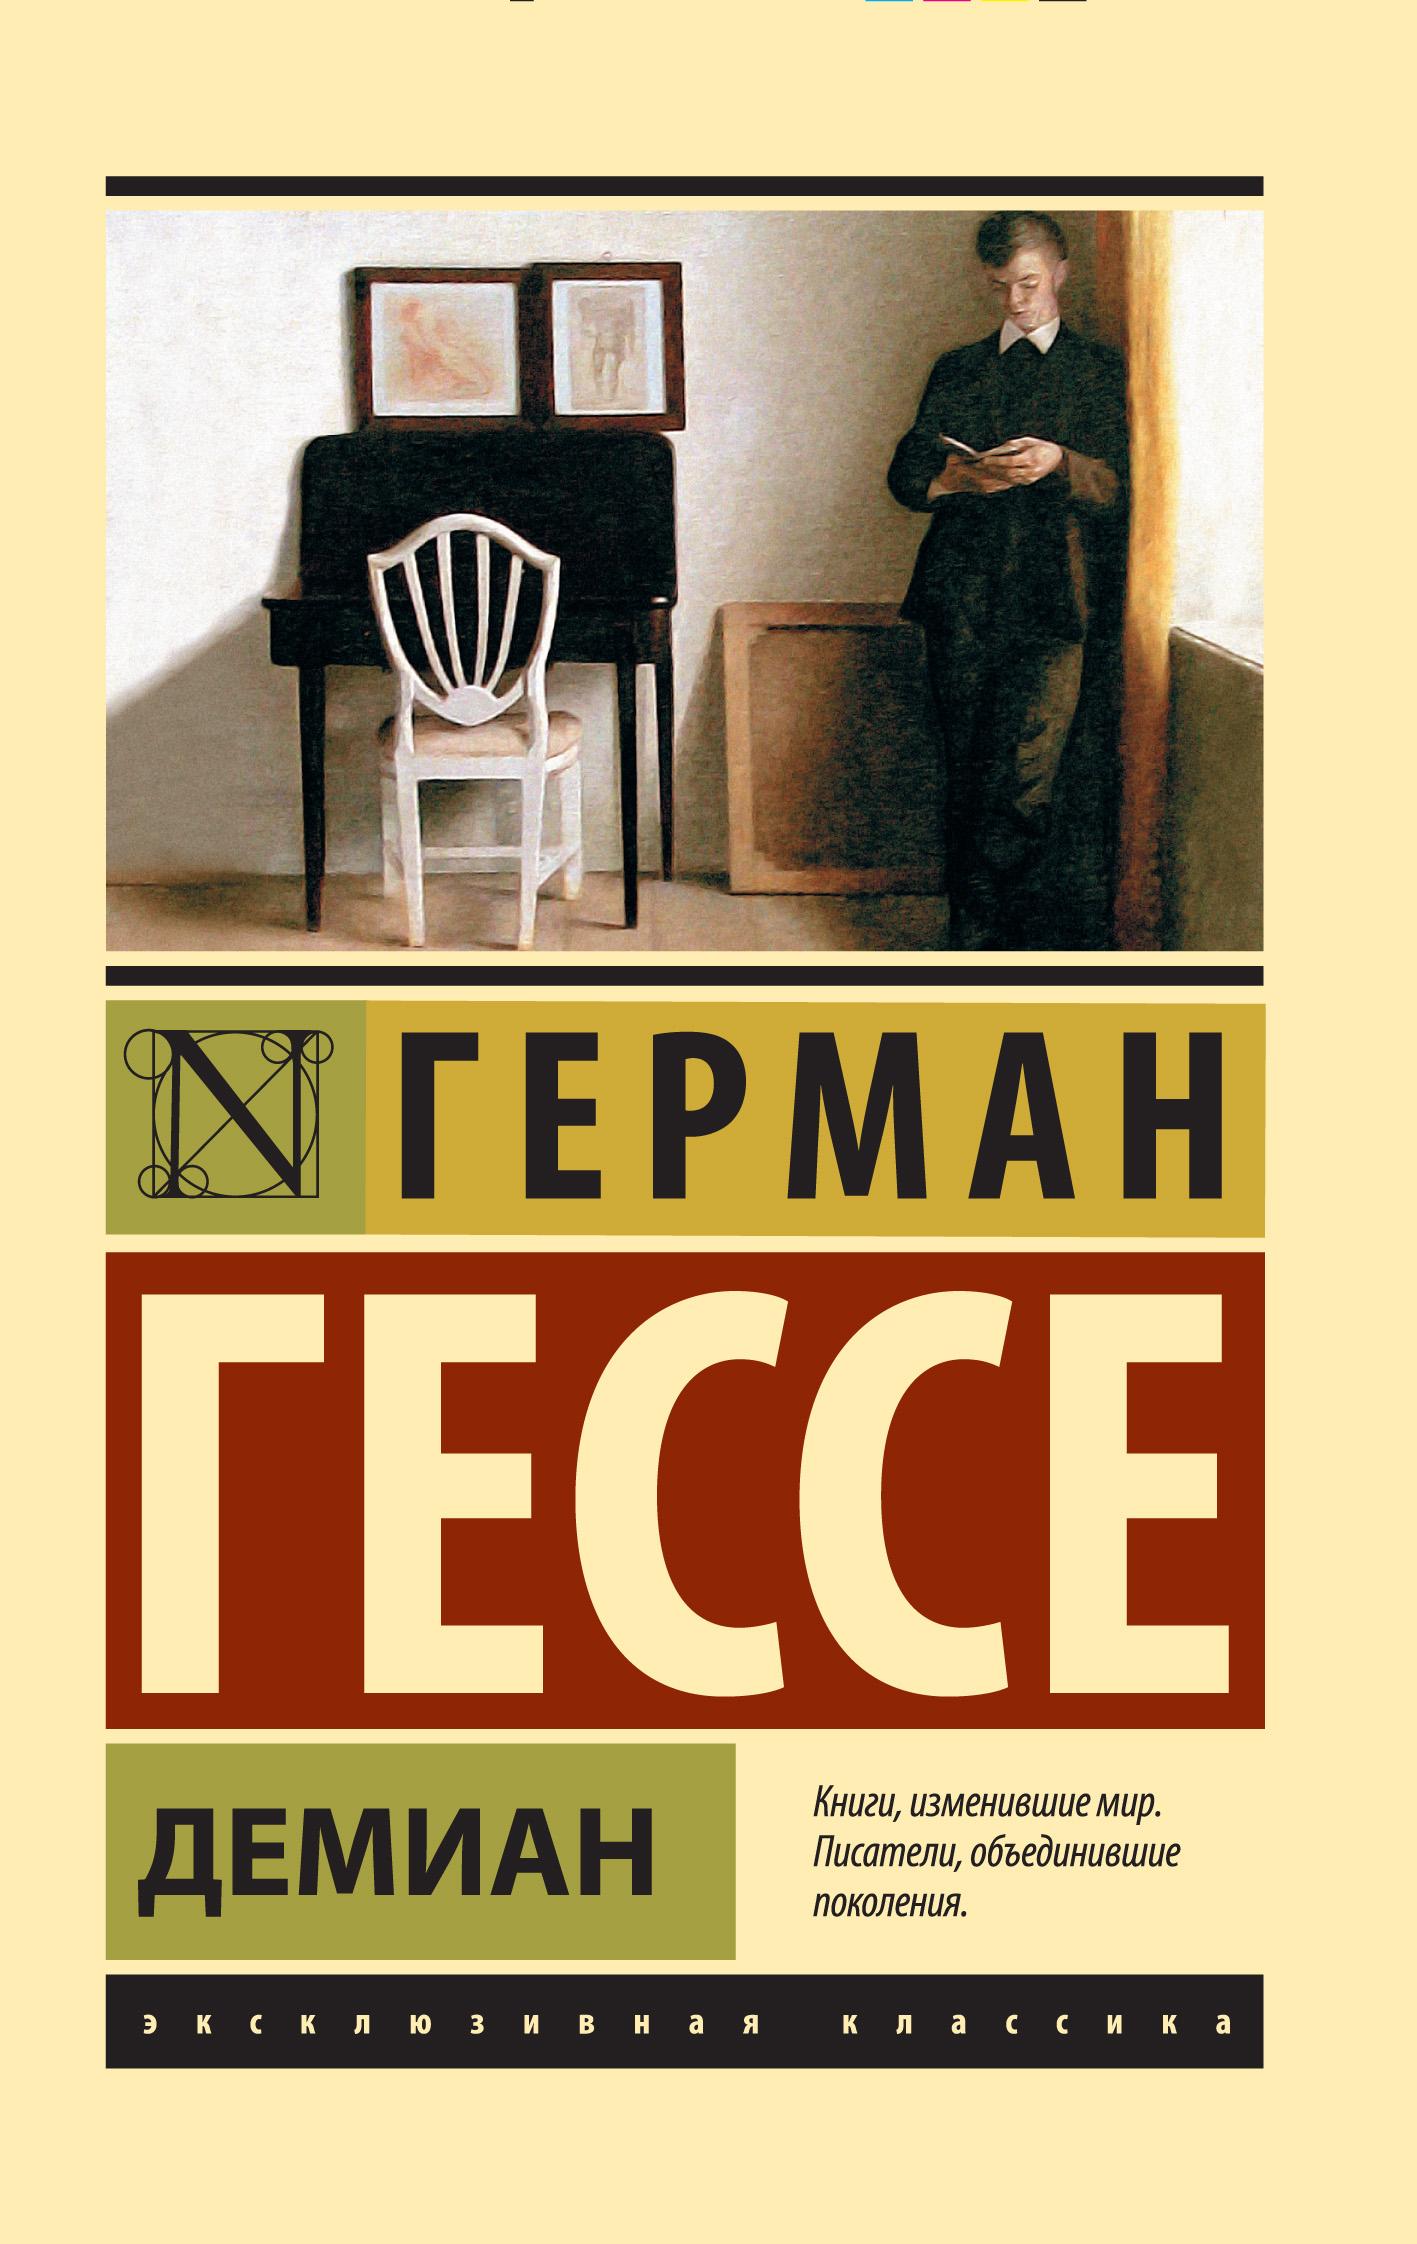 цена на Герман Гессе Демиан